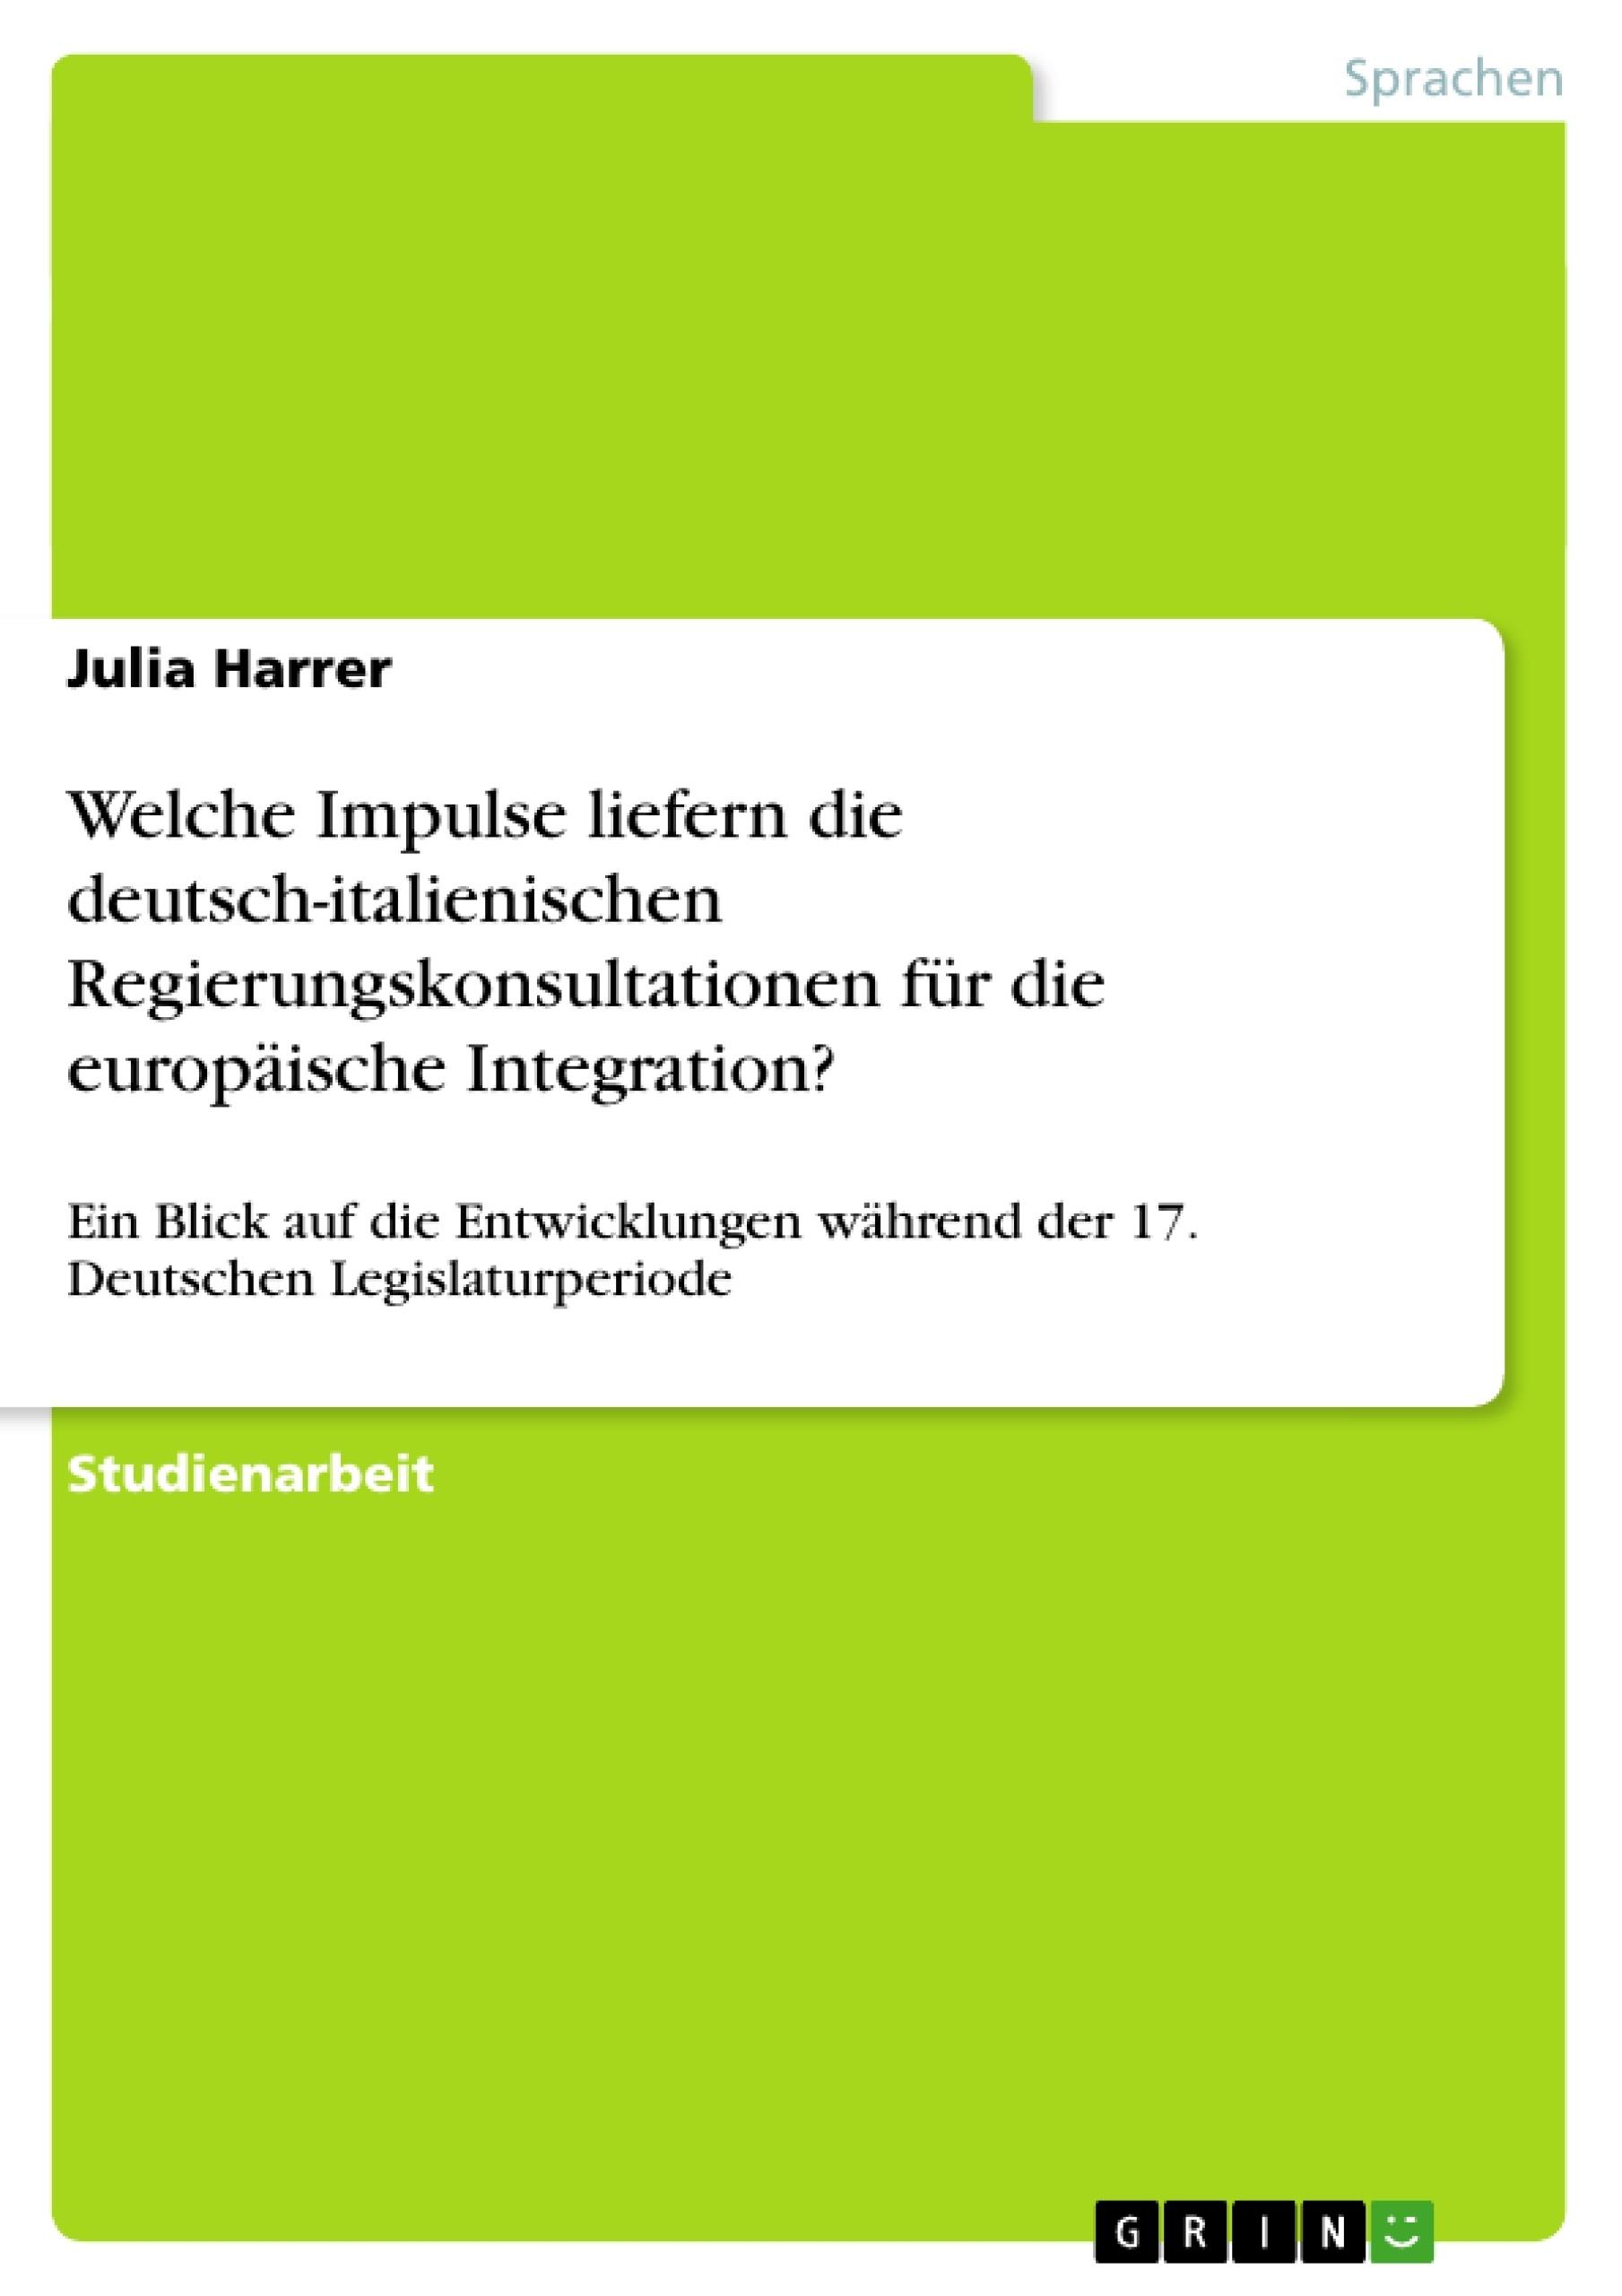 Titel: Welche Impulse liefern die deutsch-italienischen Regierungskonsultationen für die europäische Integration?